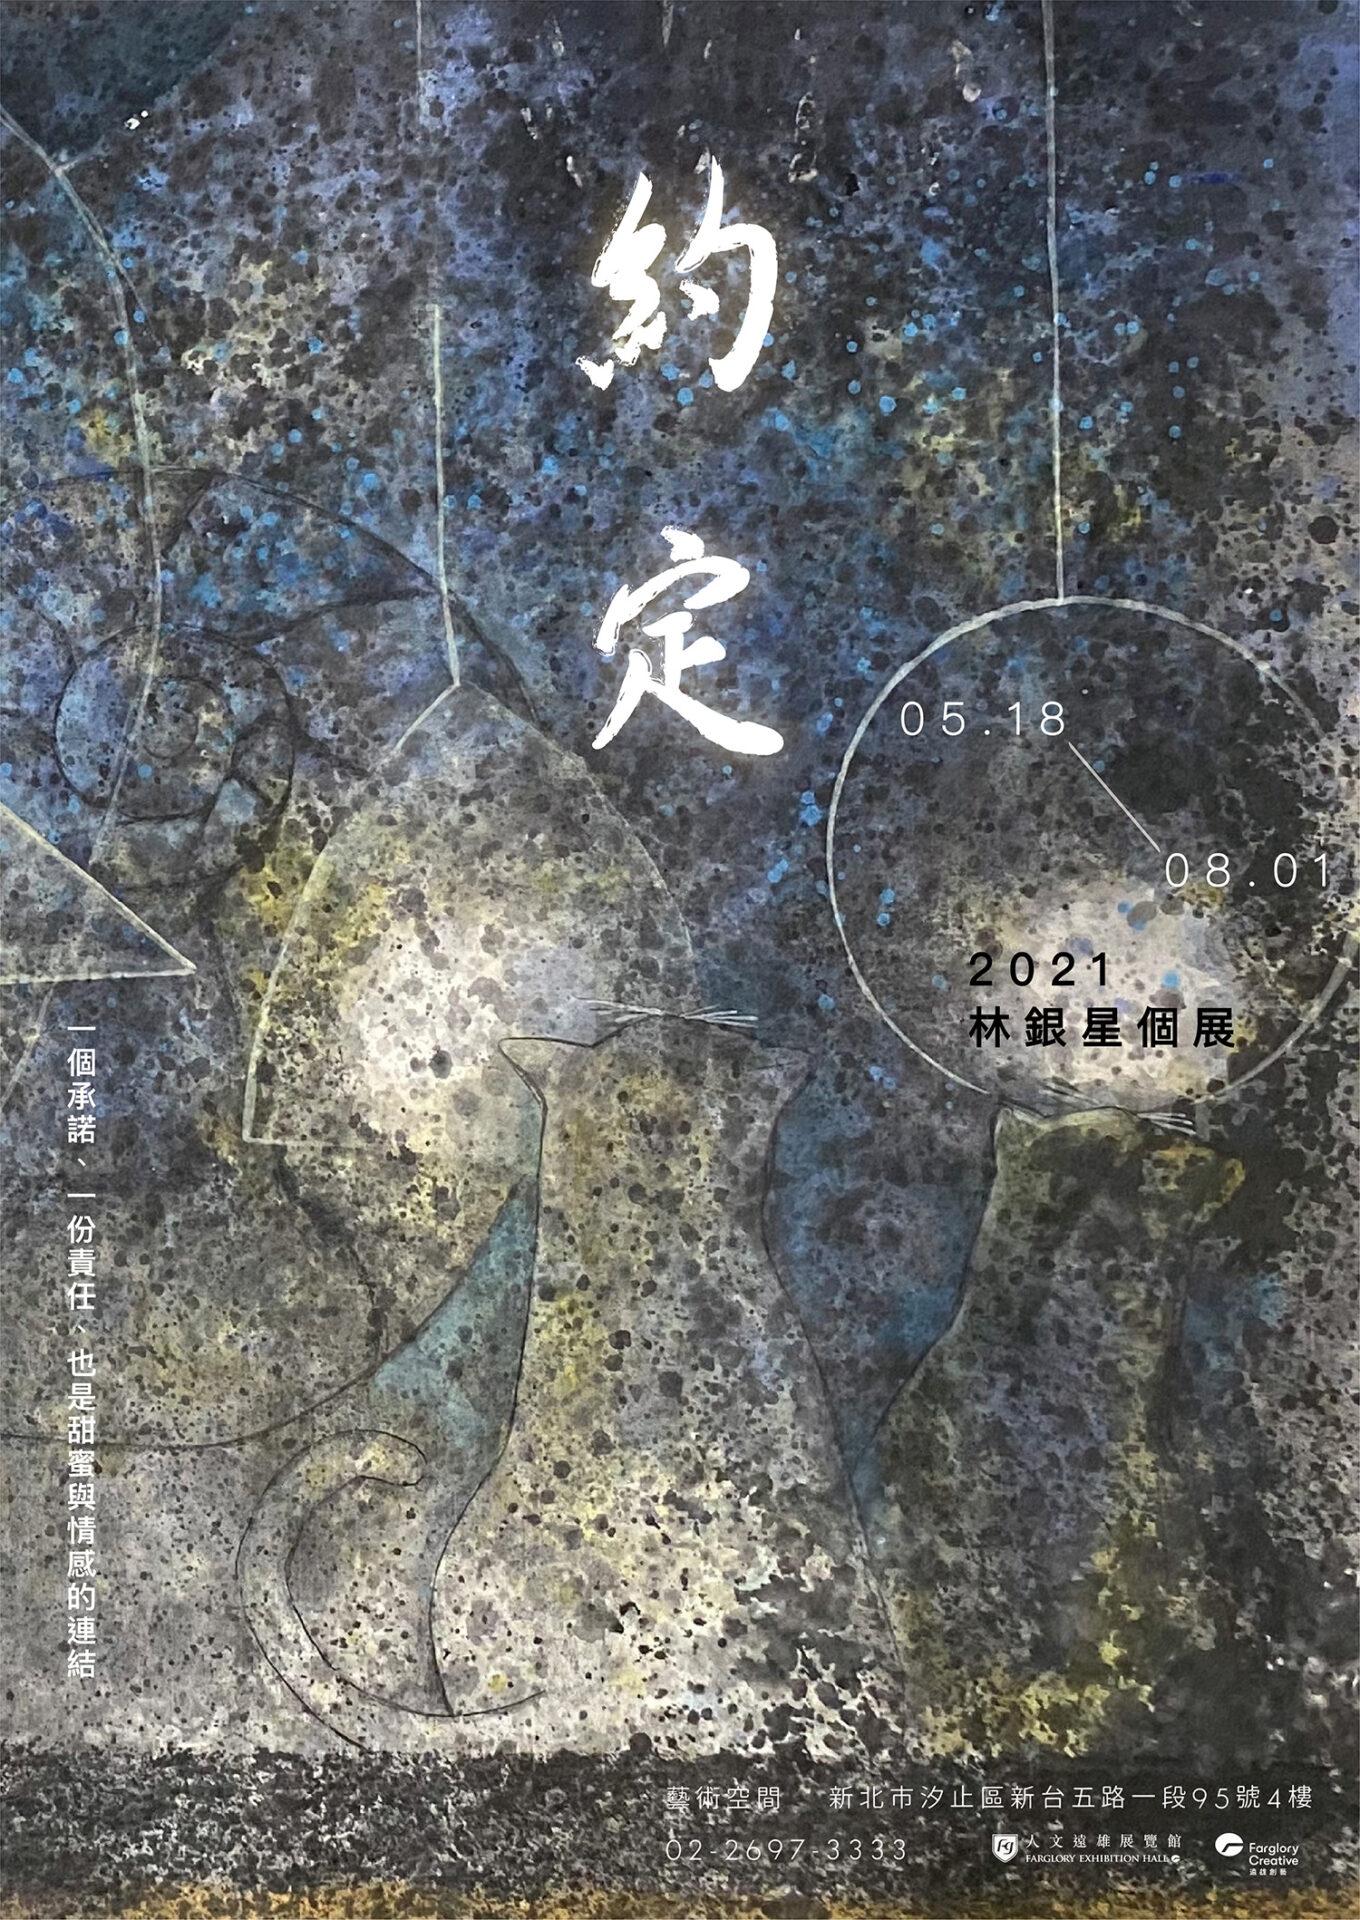 人文遠雄展覽館:5/18-8/1【約定-林銀星個展】